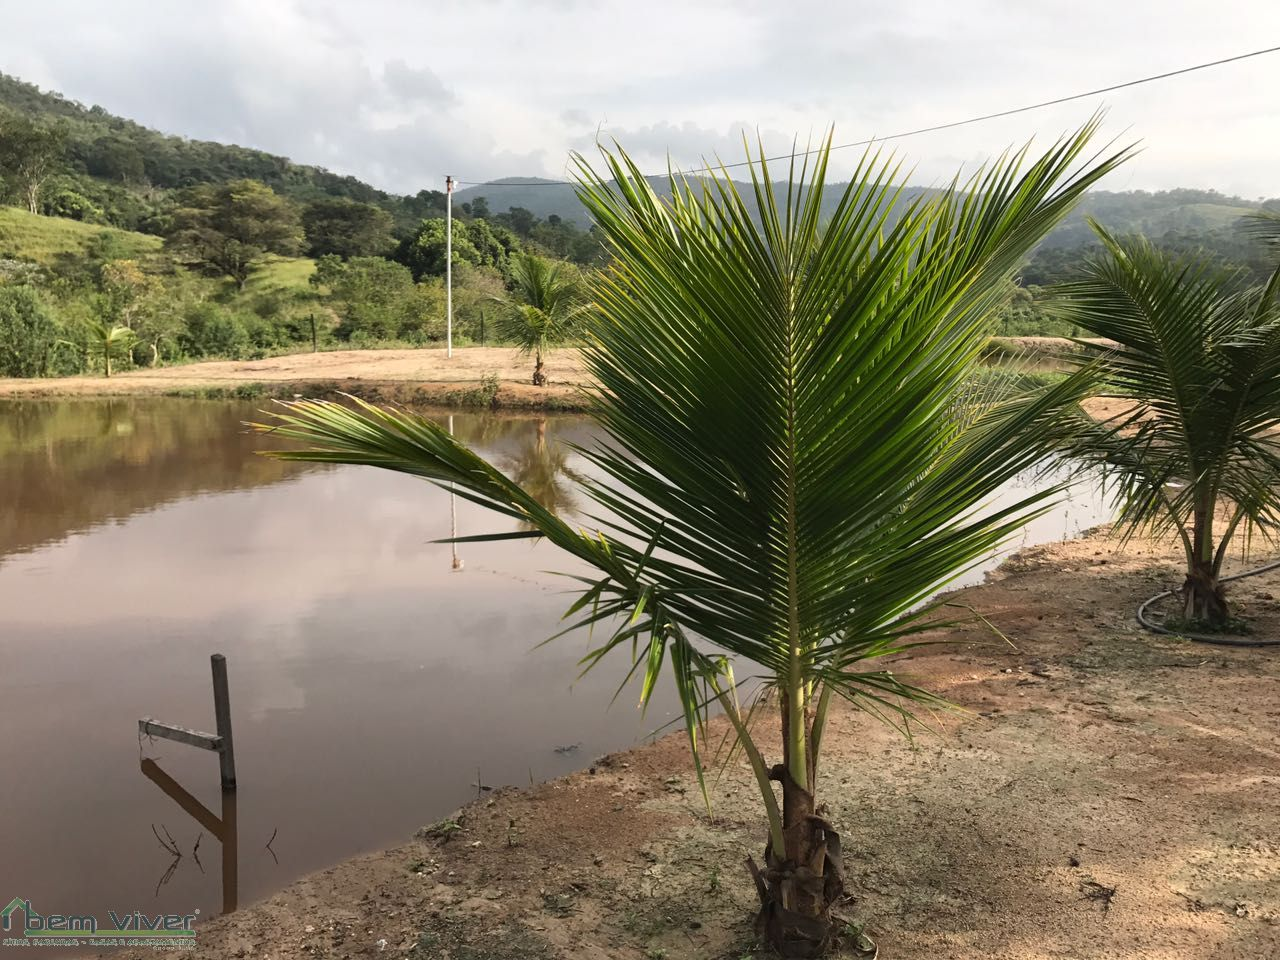 Fazenda - FAZENDINHA 21HA TORNEIROS MG | cod.: 212322 R$ 850.000,00